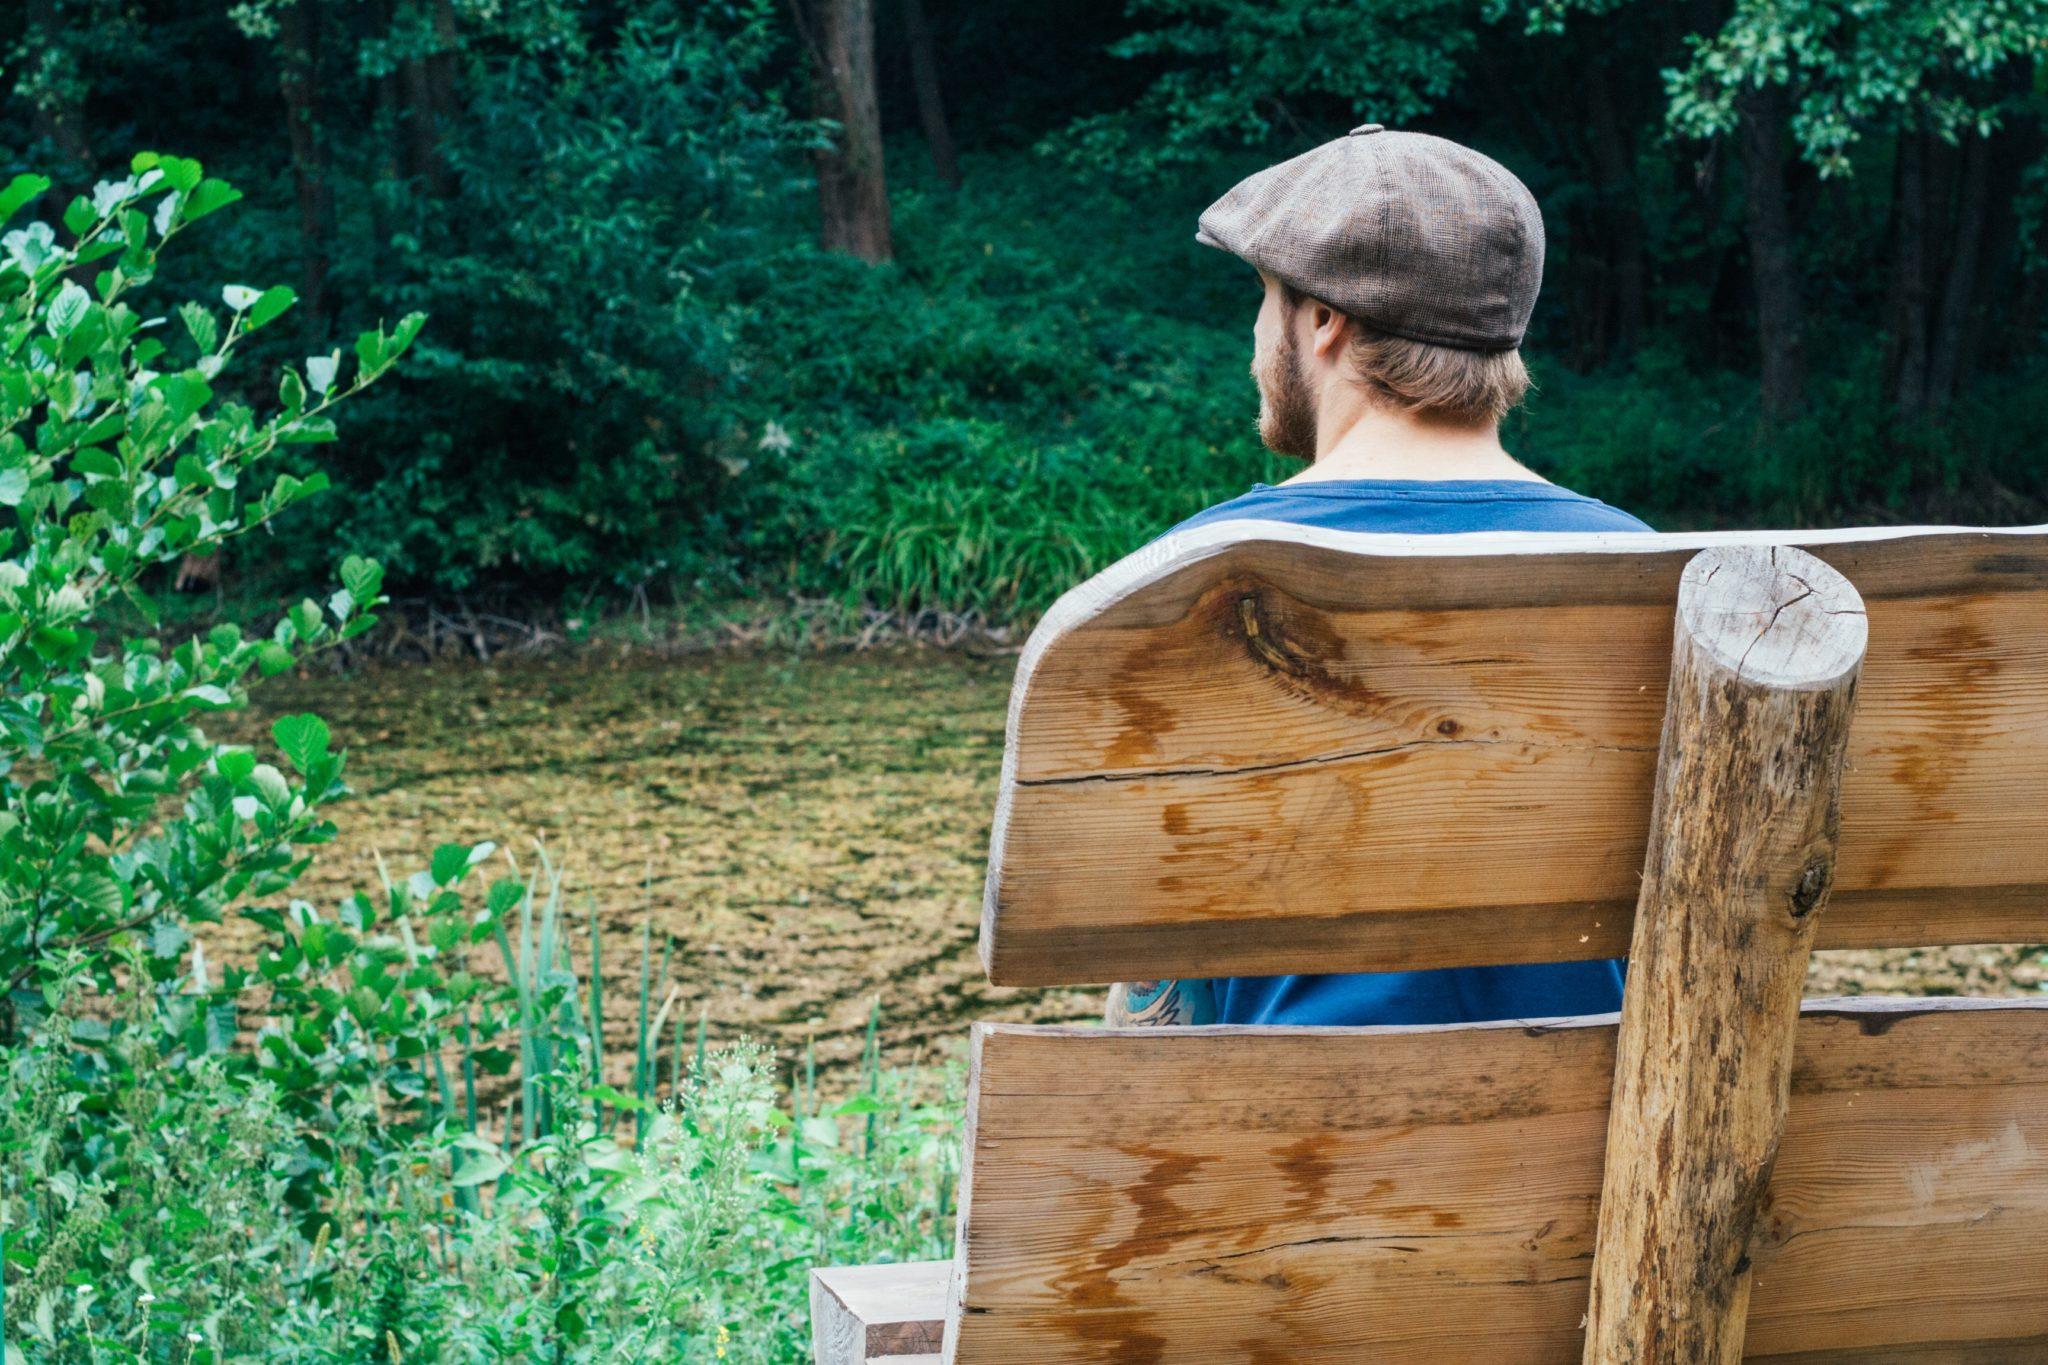 Mann sitzt auf einer Parkbank im Grünen.